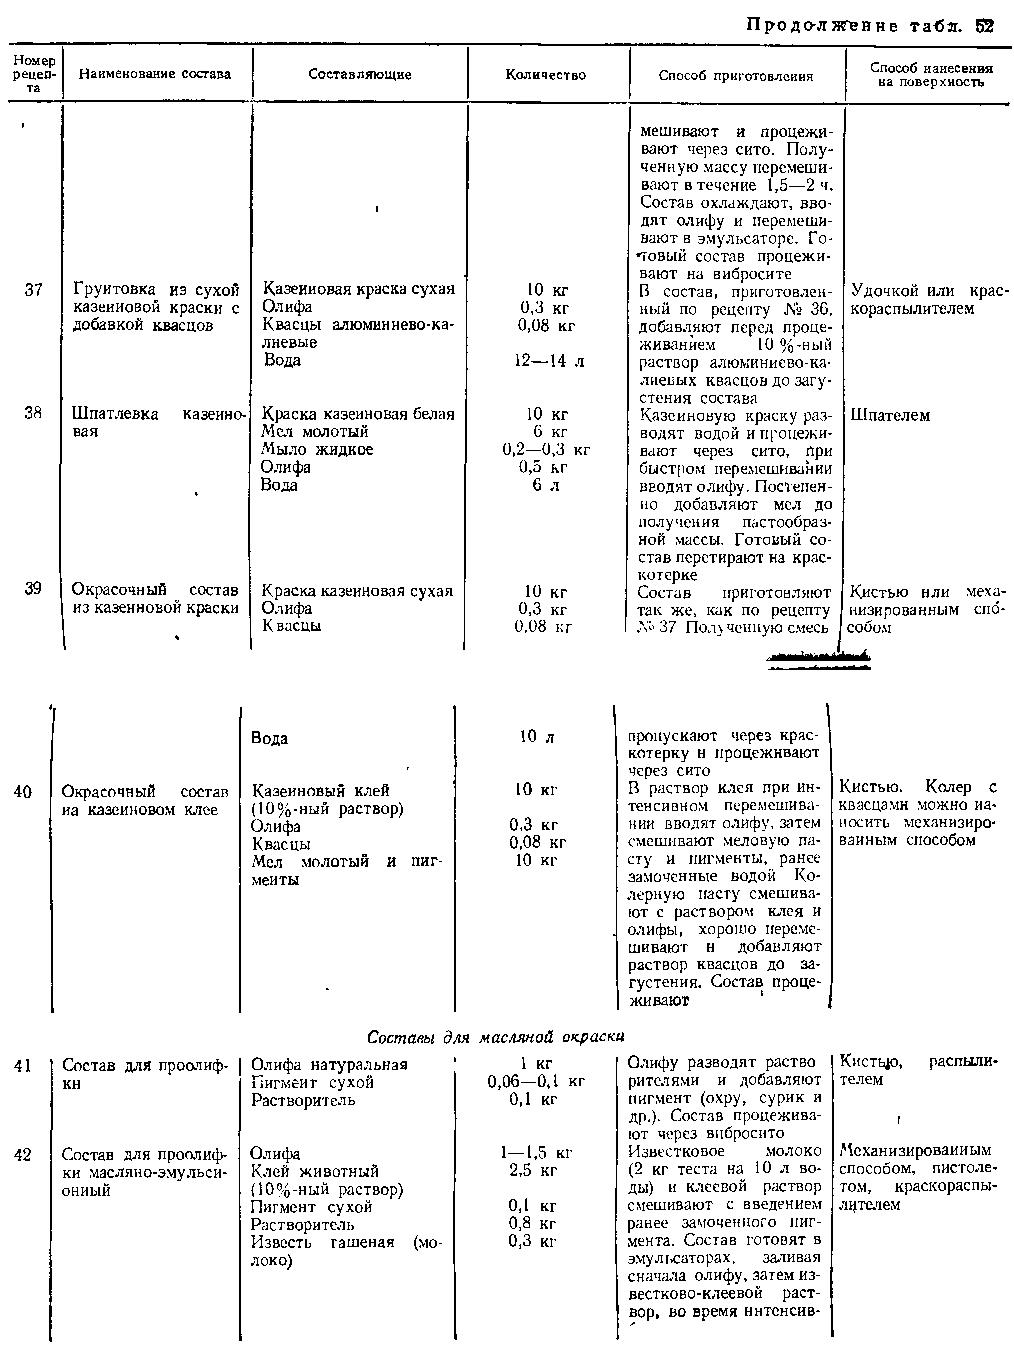 Составы грунтовок для масляной окраски